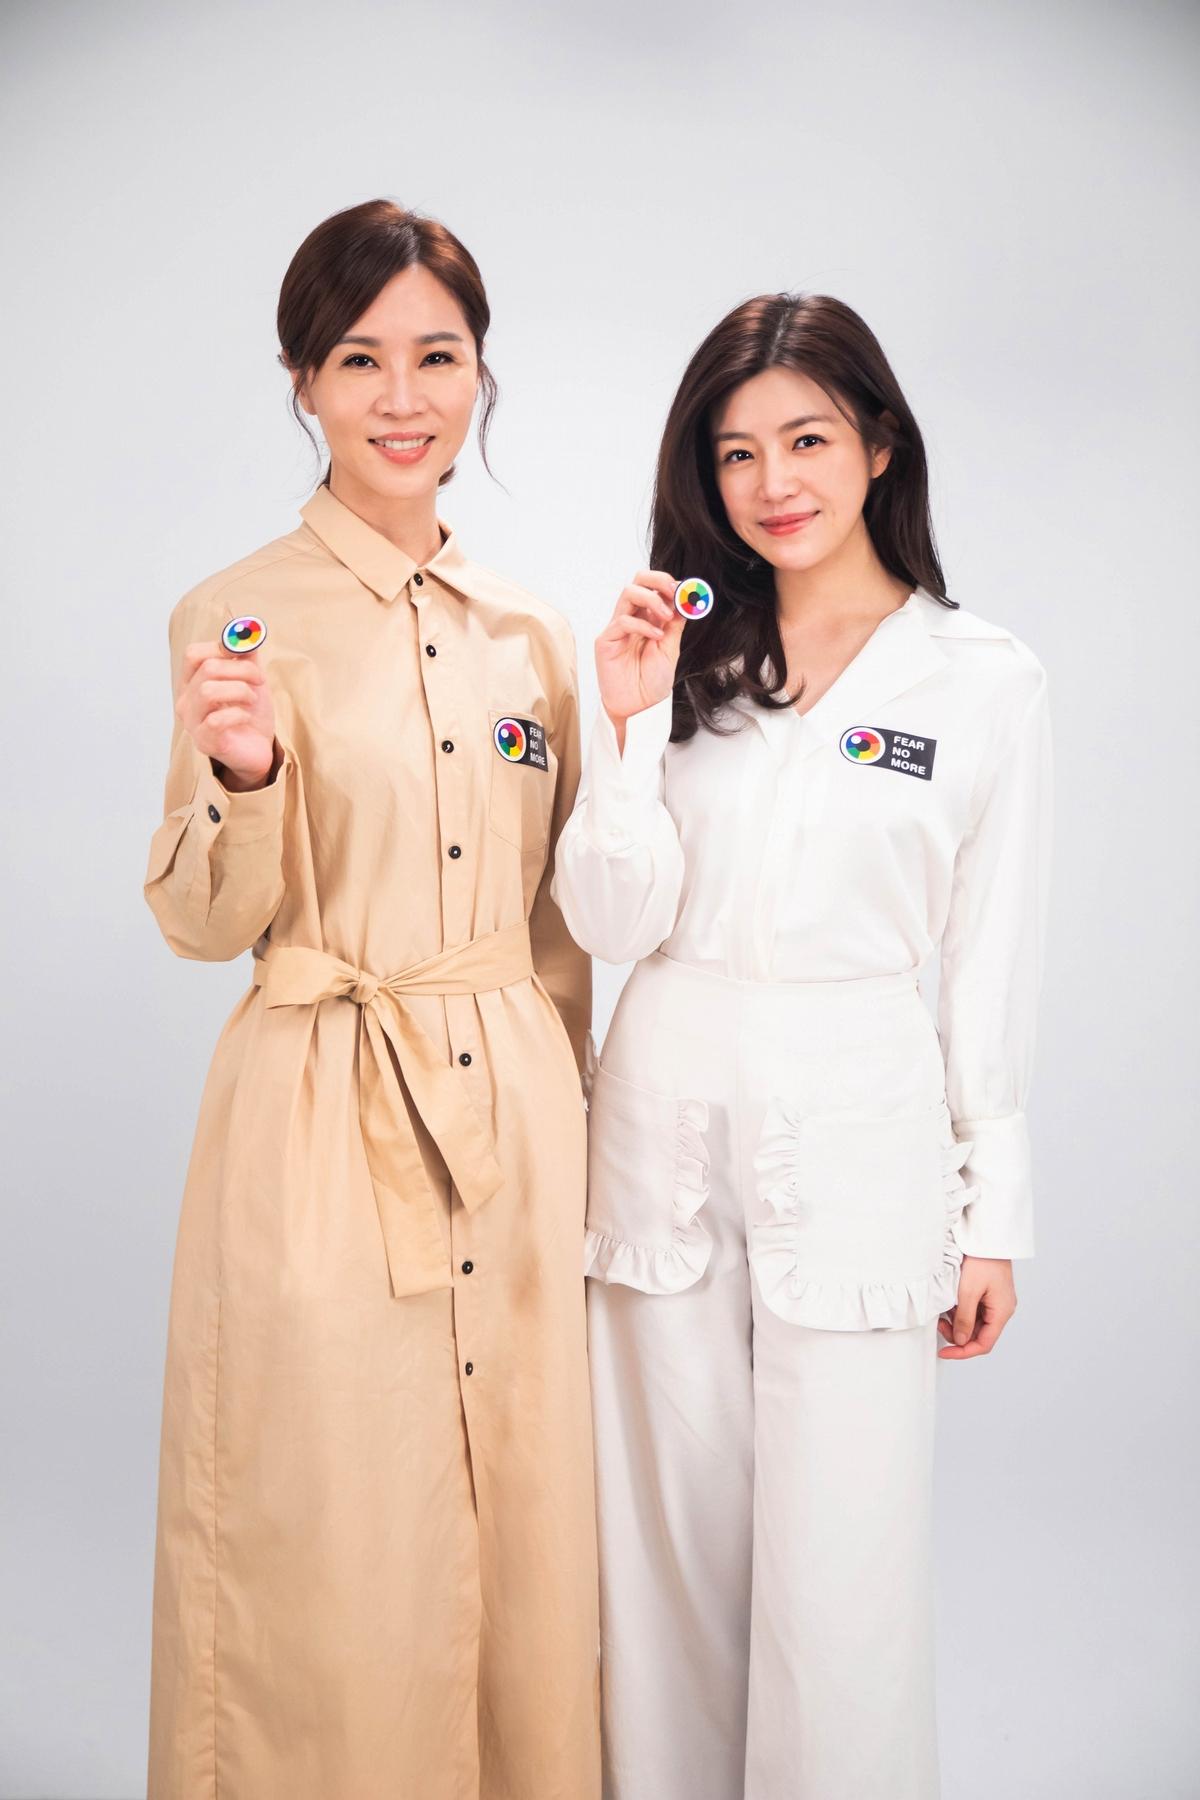 陳妍希、謝盈萱力挺「同恐不再」!「同婚過後很多同志仍不敢出櫃、結婚」